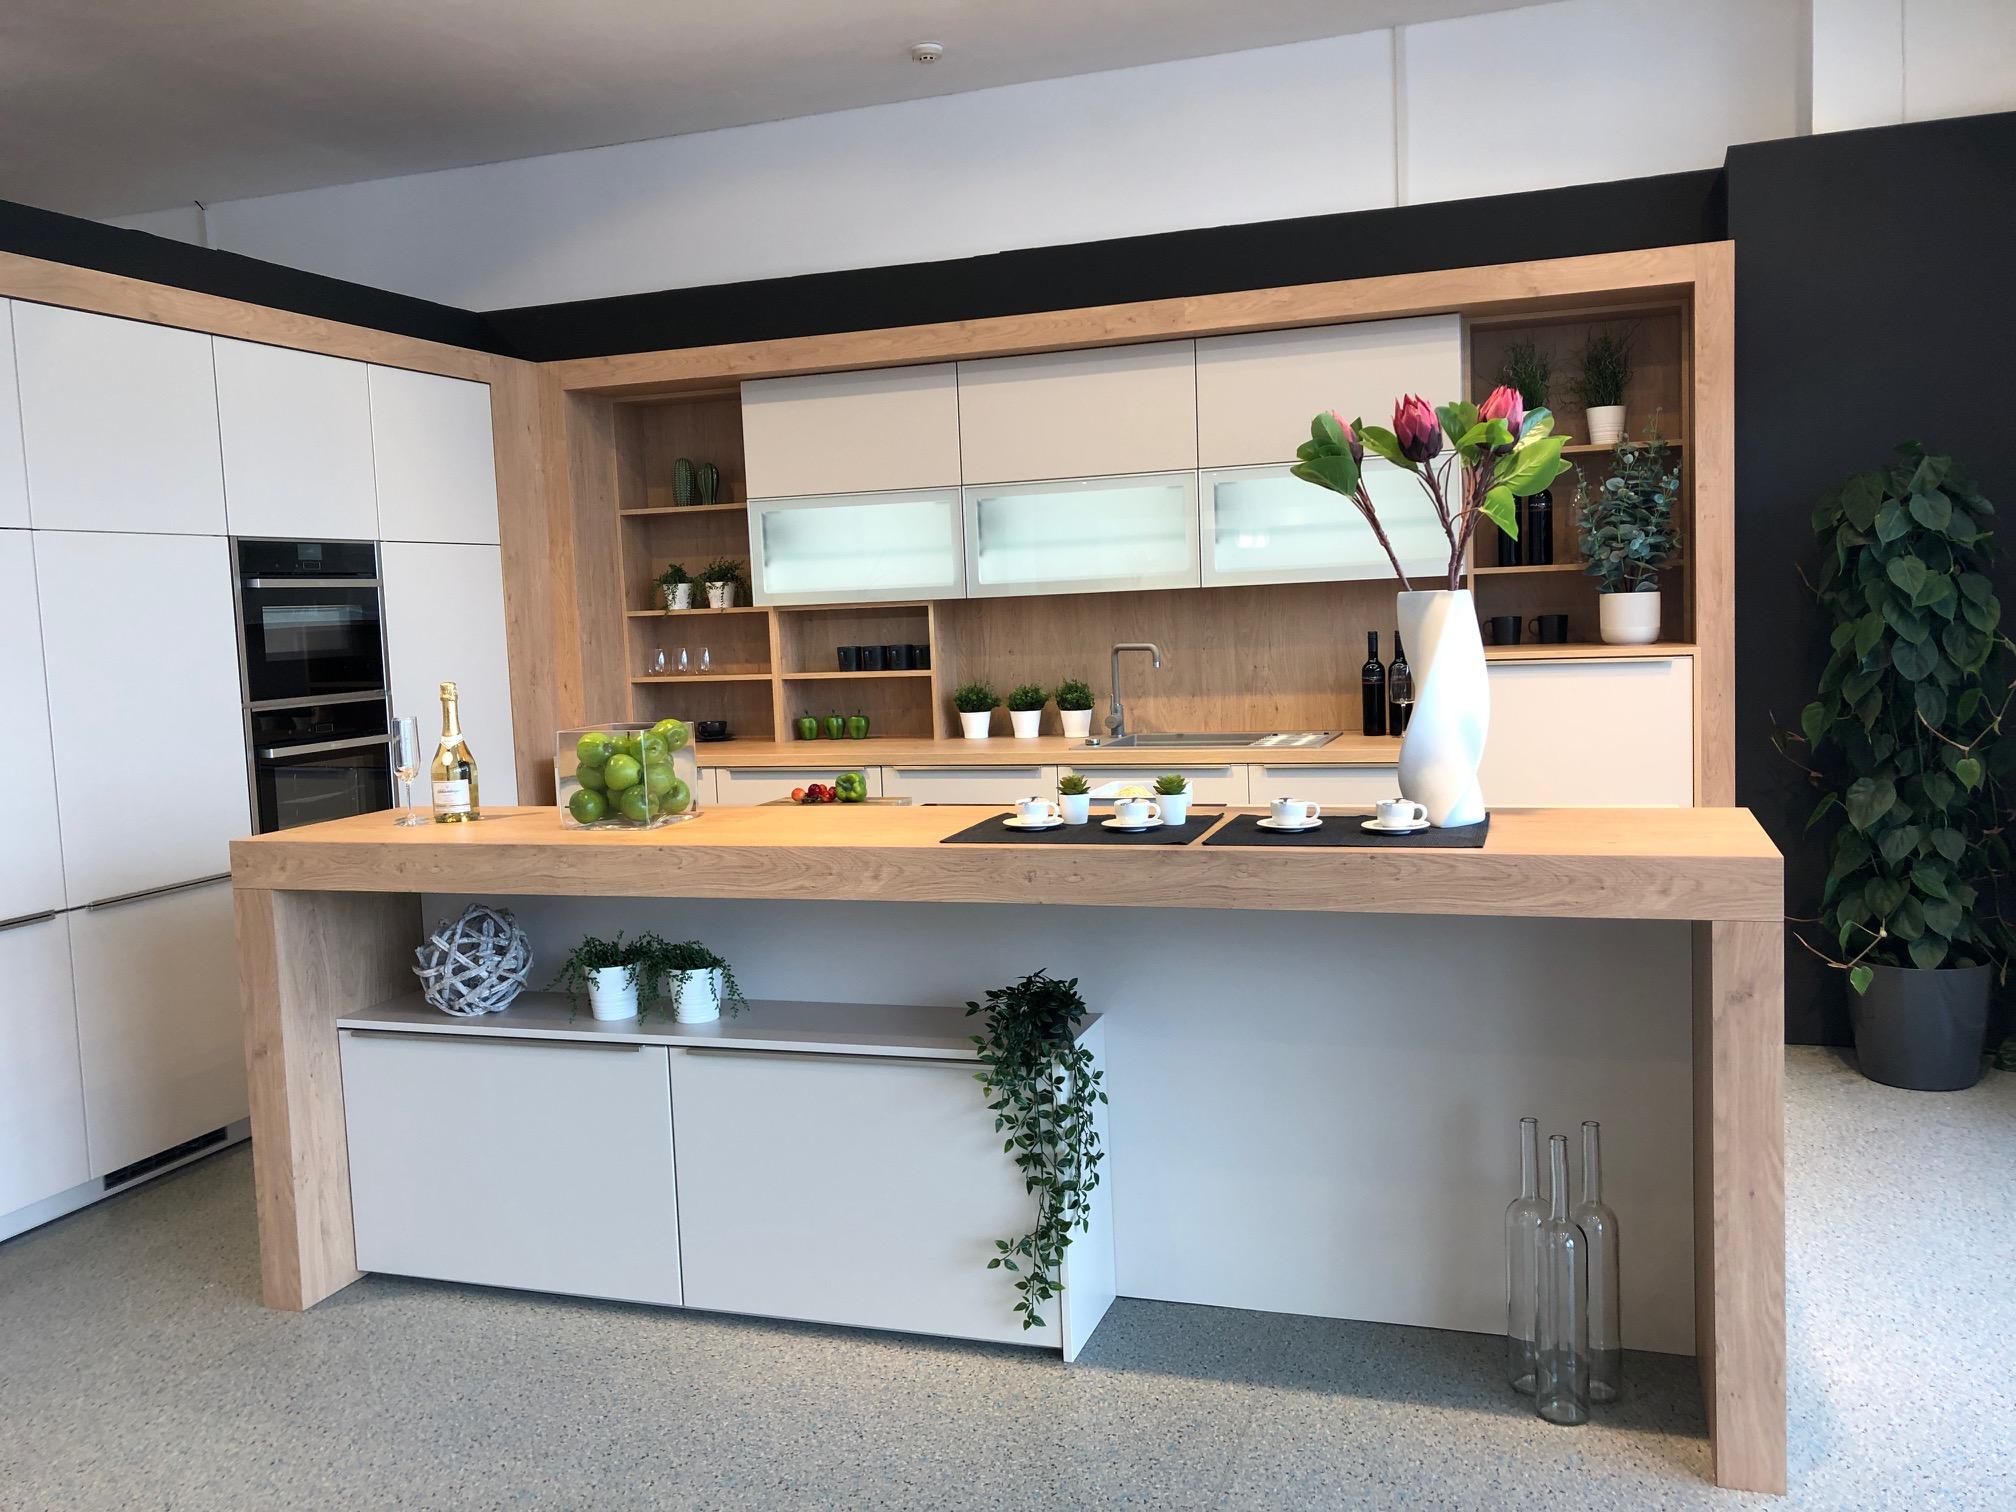 DAN Küche Modell Living mit Fronten in Jasmin Matt und Rückwände sowie Bar in Holzdekor Ulme.